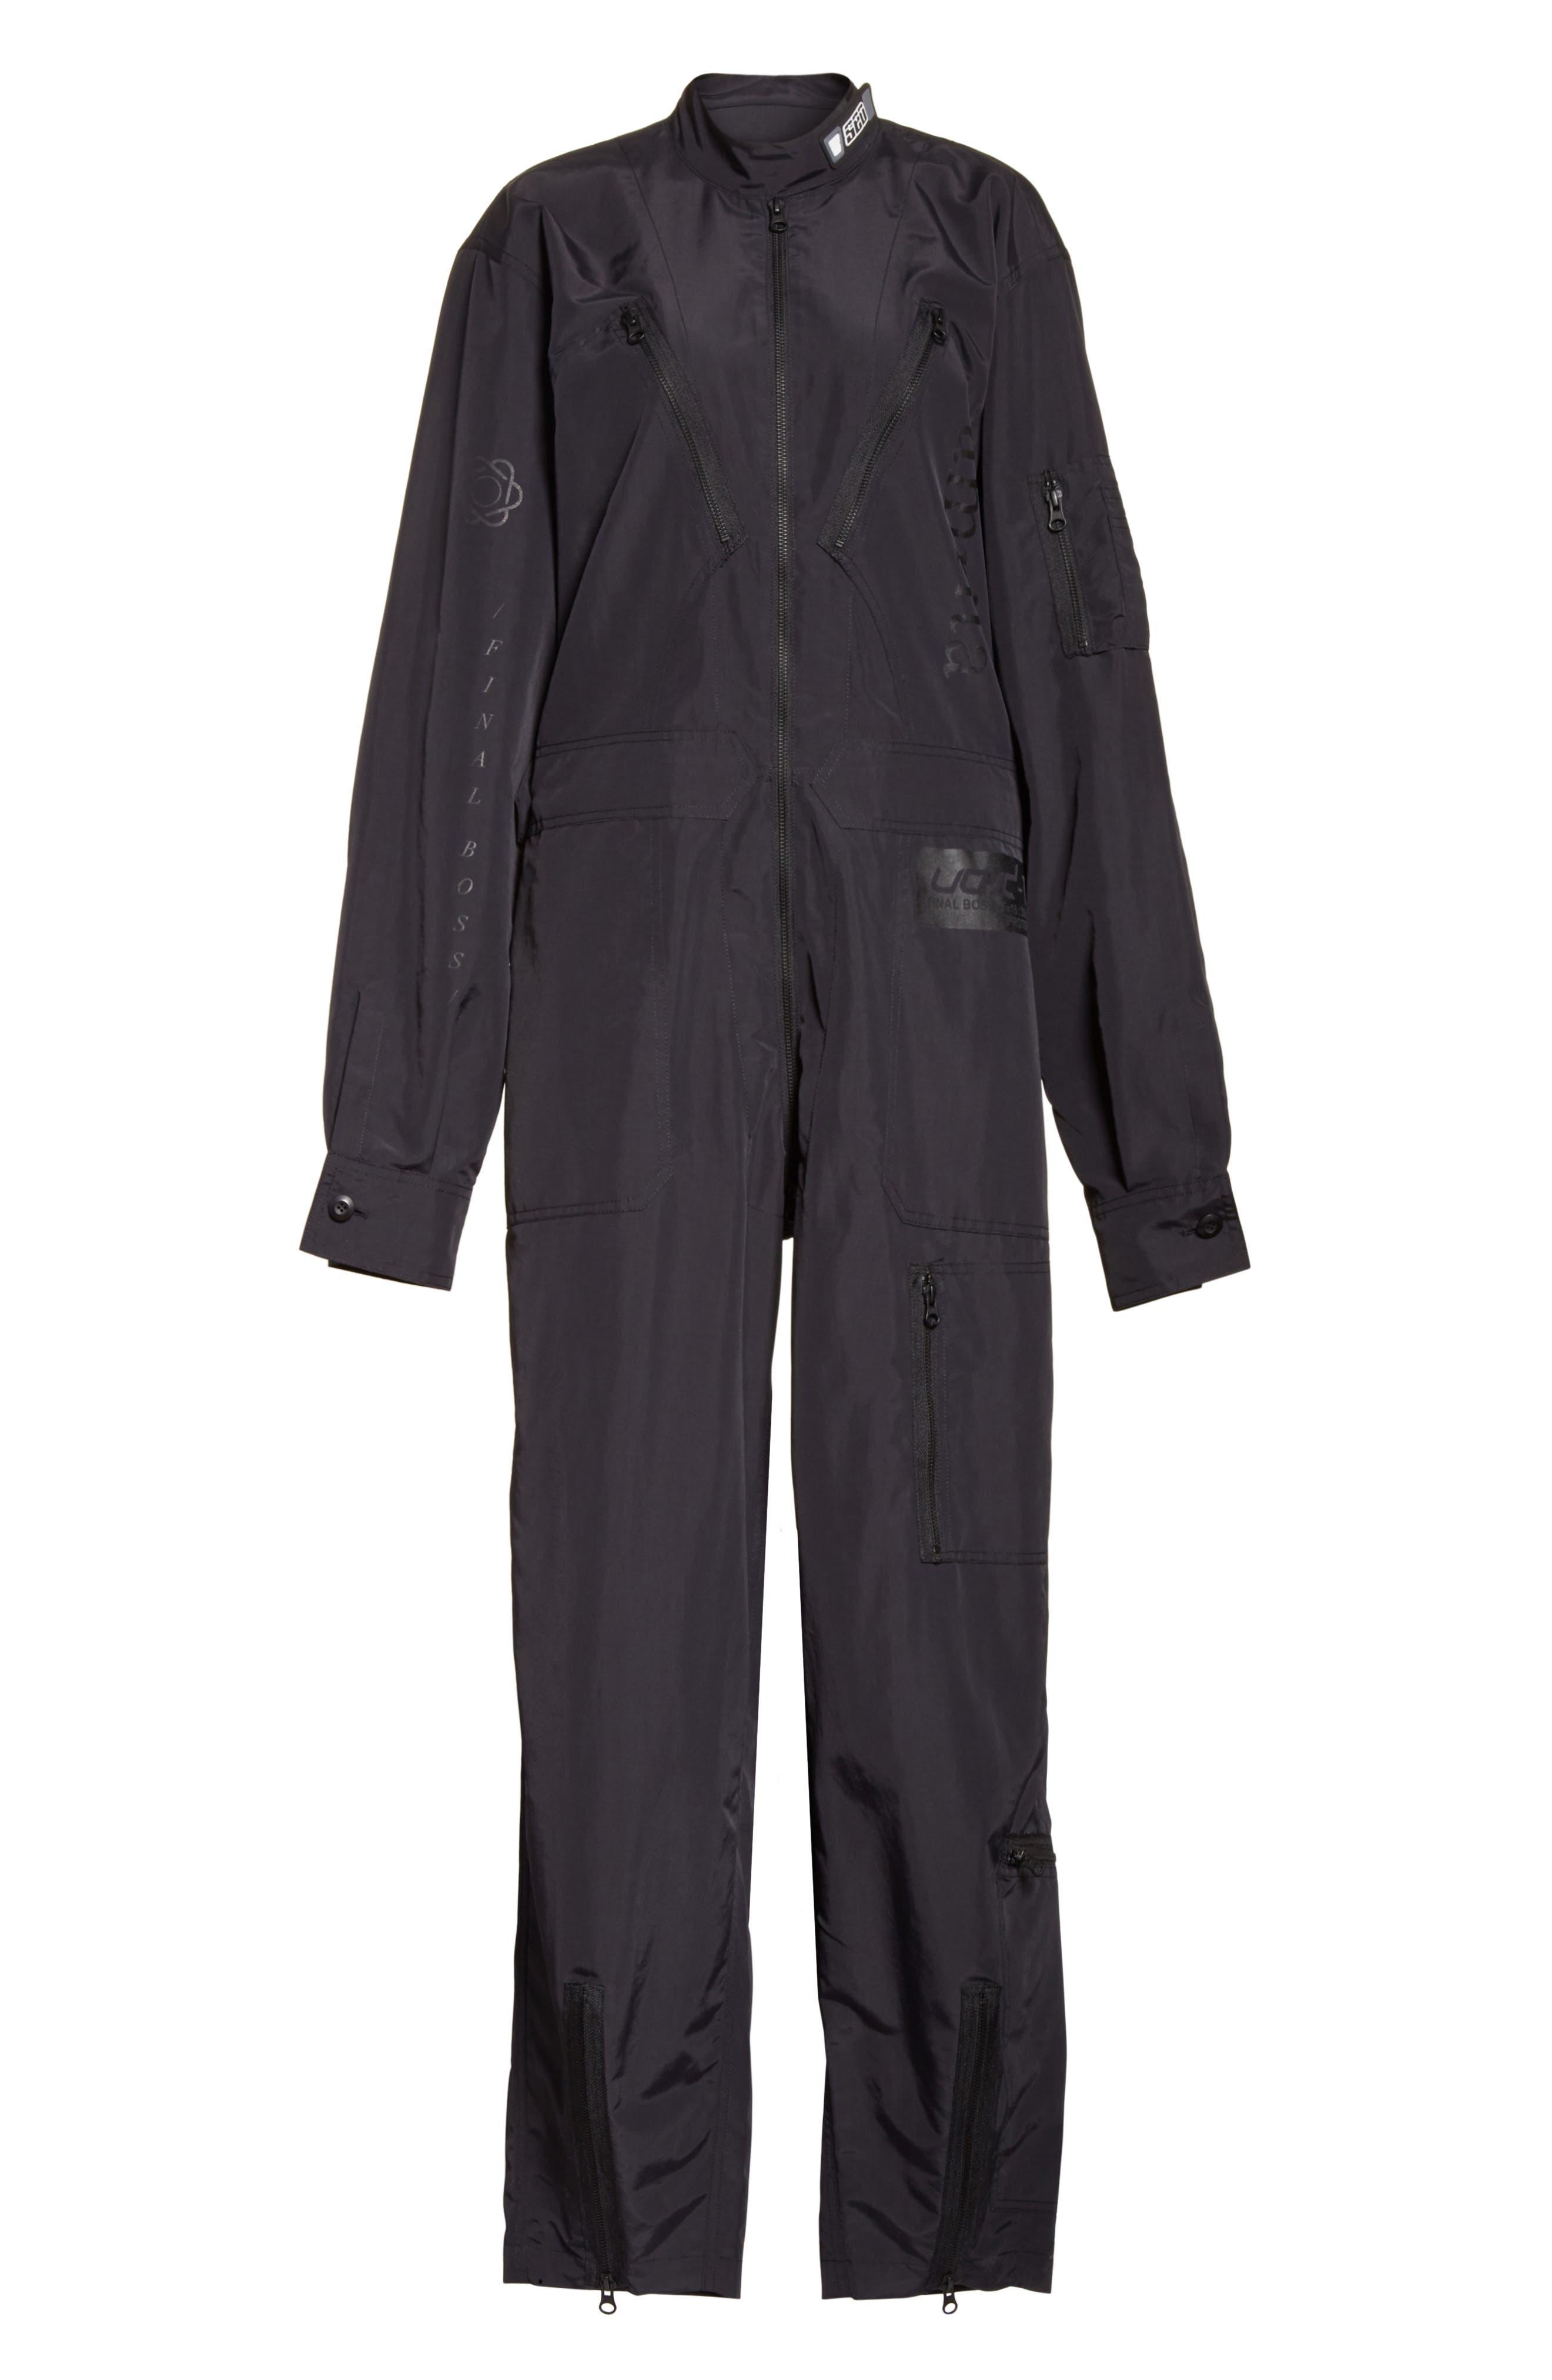 Kaneda Boiler Suit,                             Alternate thumbnail 6, color,                             001